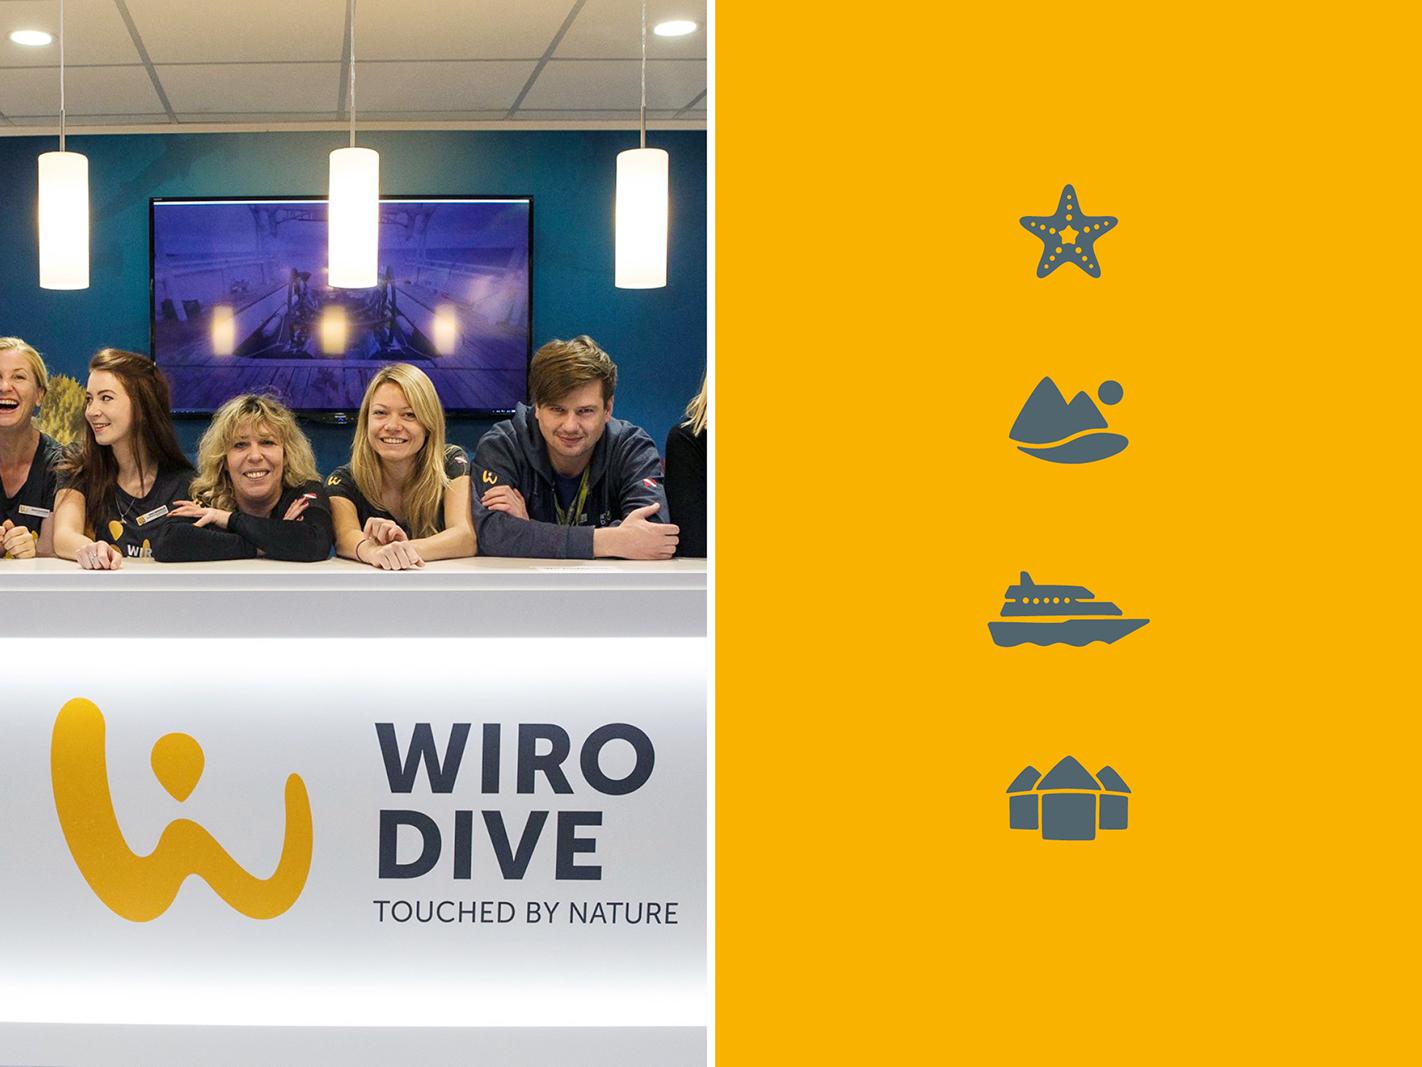 ATK-WIRO-DIVE-Tauchen-Reisen-Corporate-Design-8.jpg